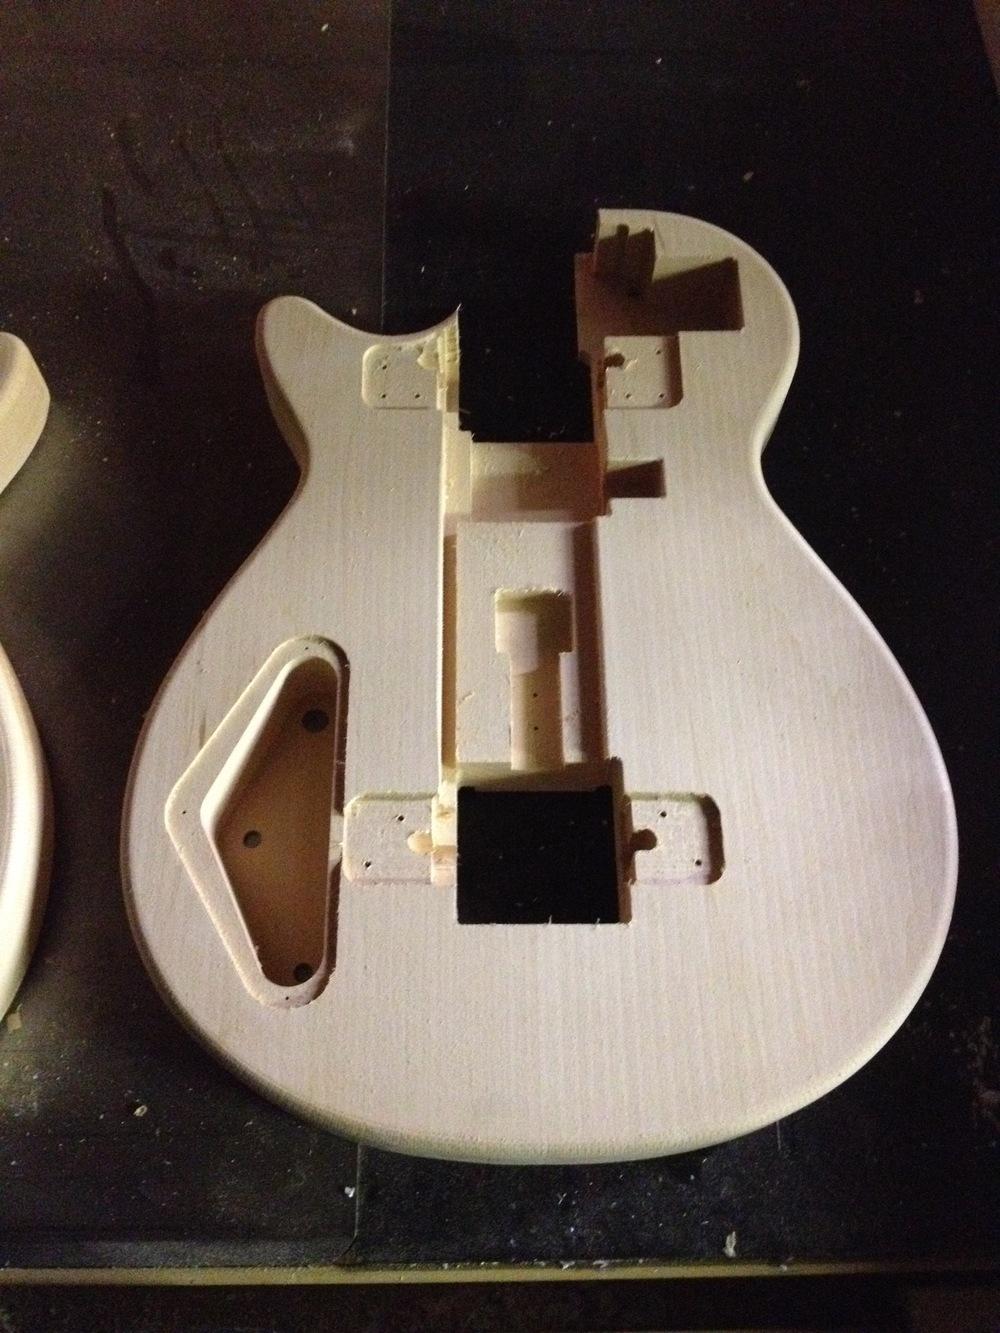 Folding Guitar Parts. Radiorobot. 2015.